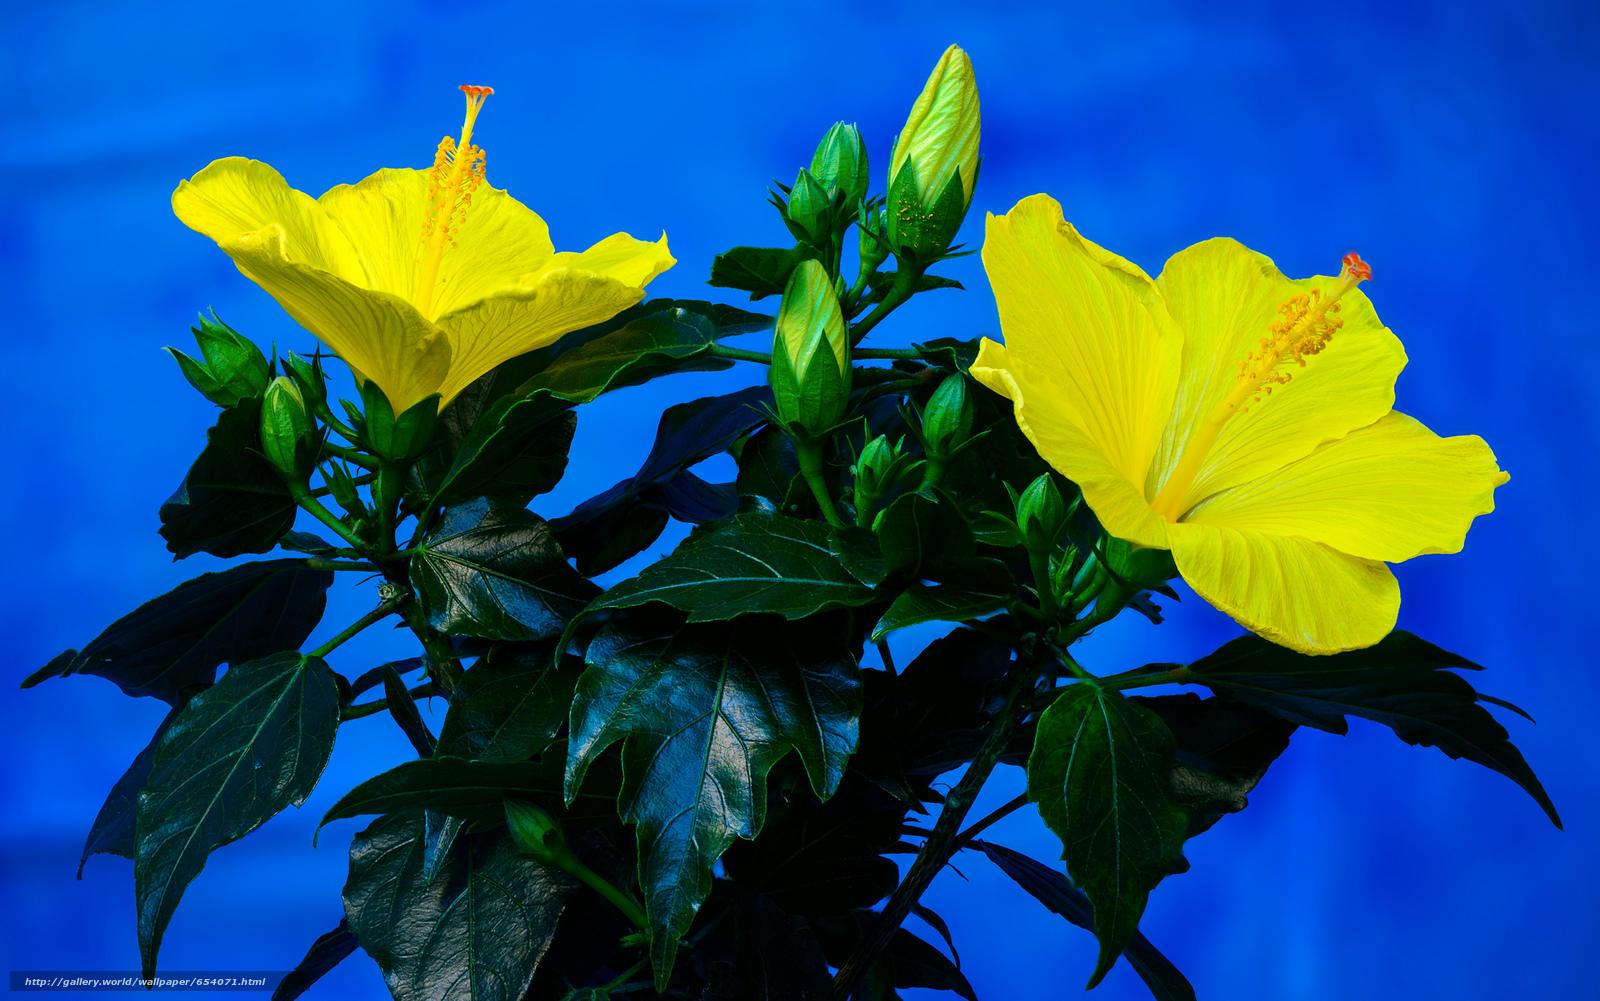 Скачать обои Hibiscus,  цветок,  флора бесплатно для рабочего стола в разрешении 2048x1281 — картинка №654071